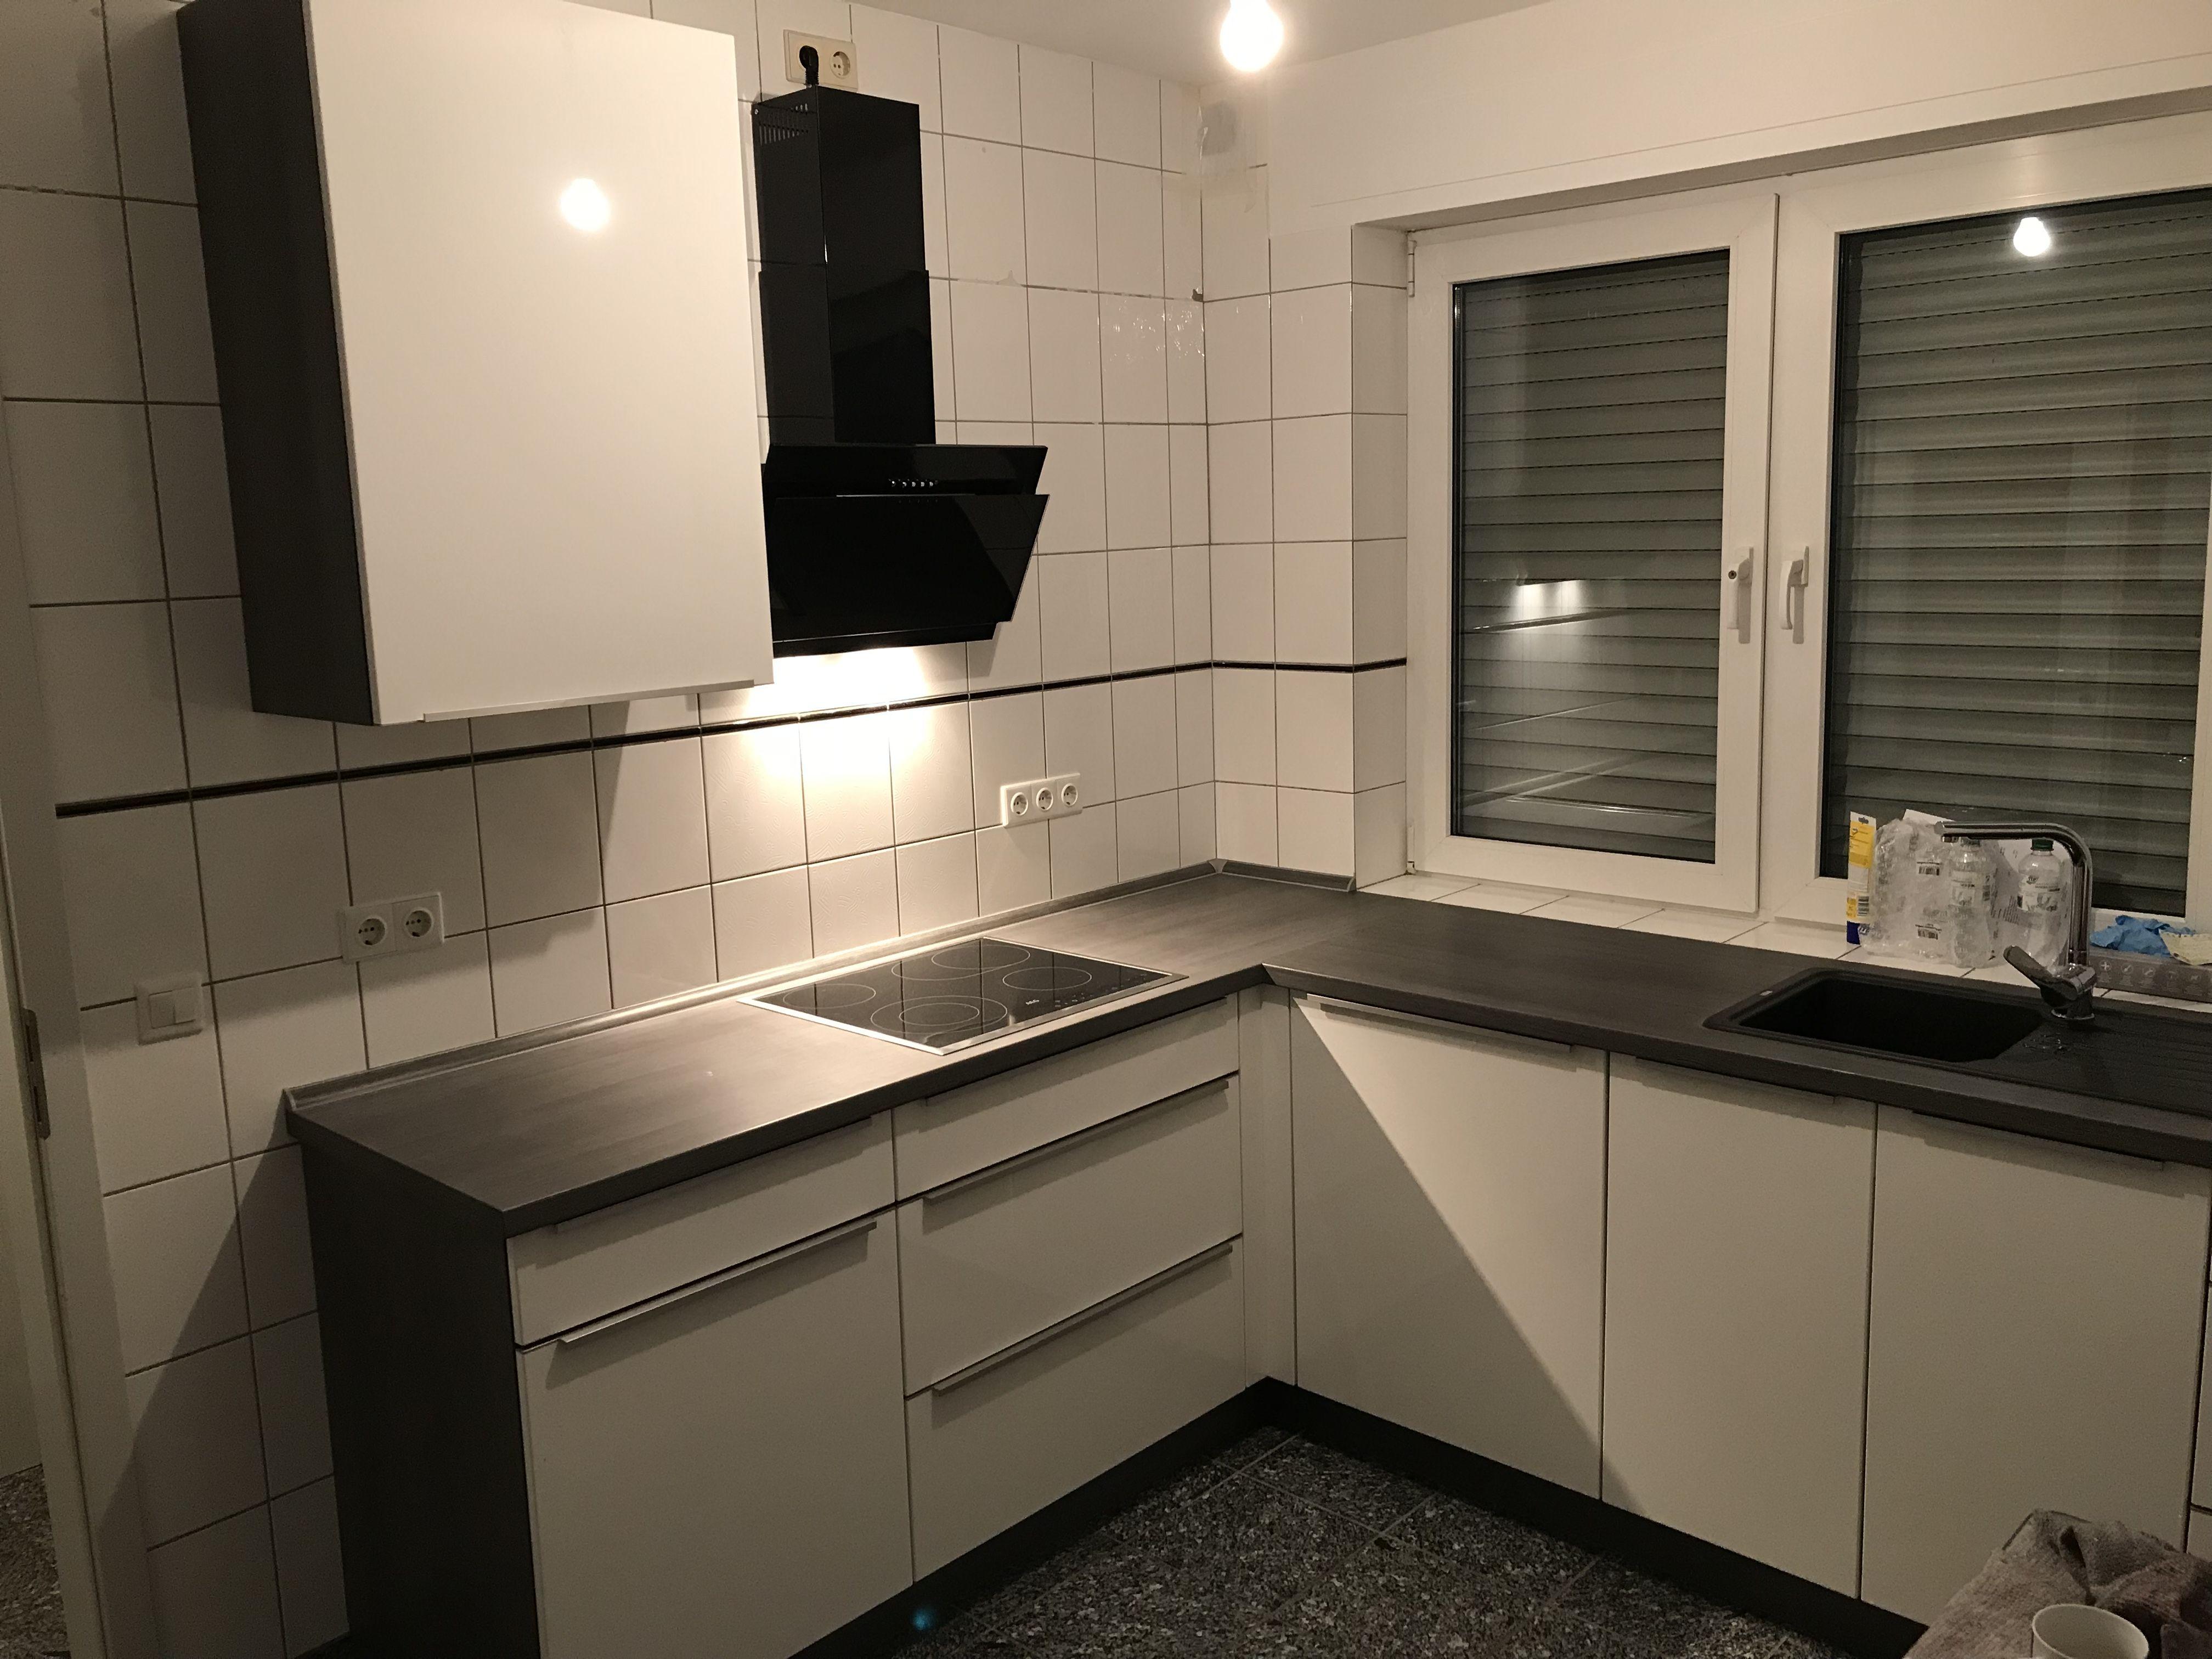 dunstabzugshaube verkleidung bauen rohr fur dunstabzugshaube fertig kg abluft verkleidung wie. Black Bedroom Furniture Sets. Home Design Ideas